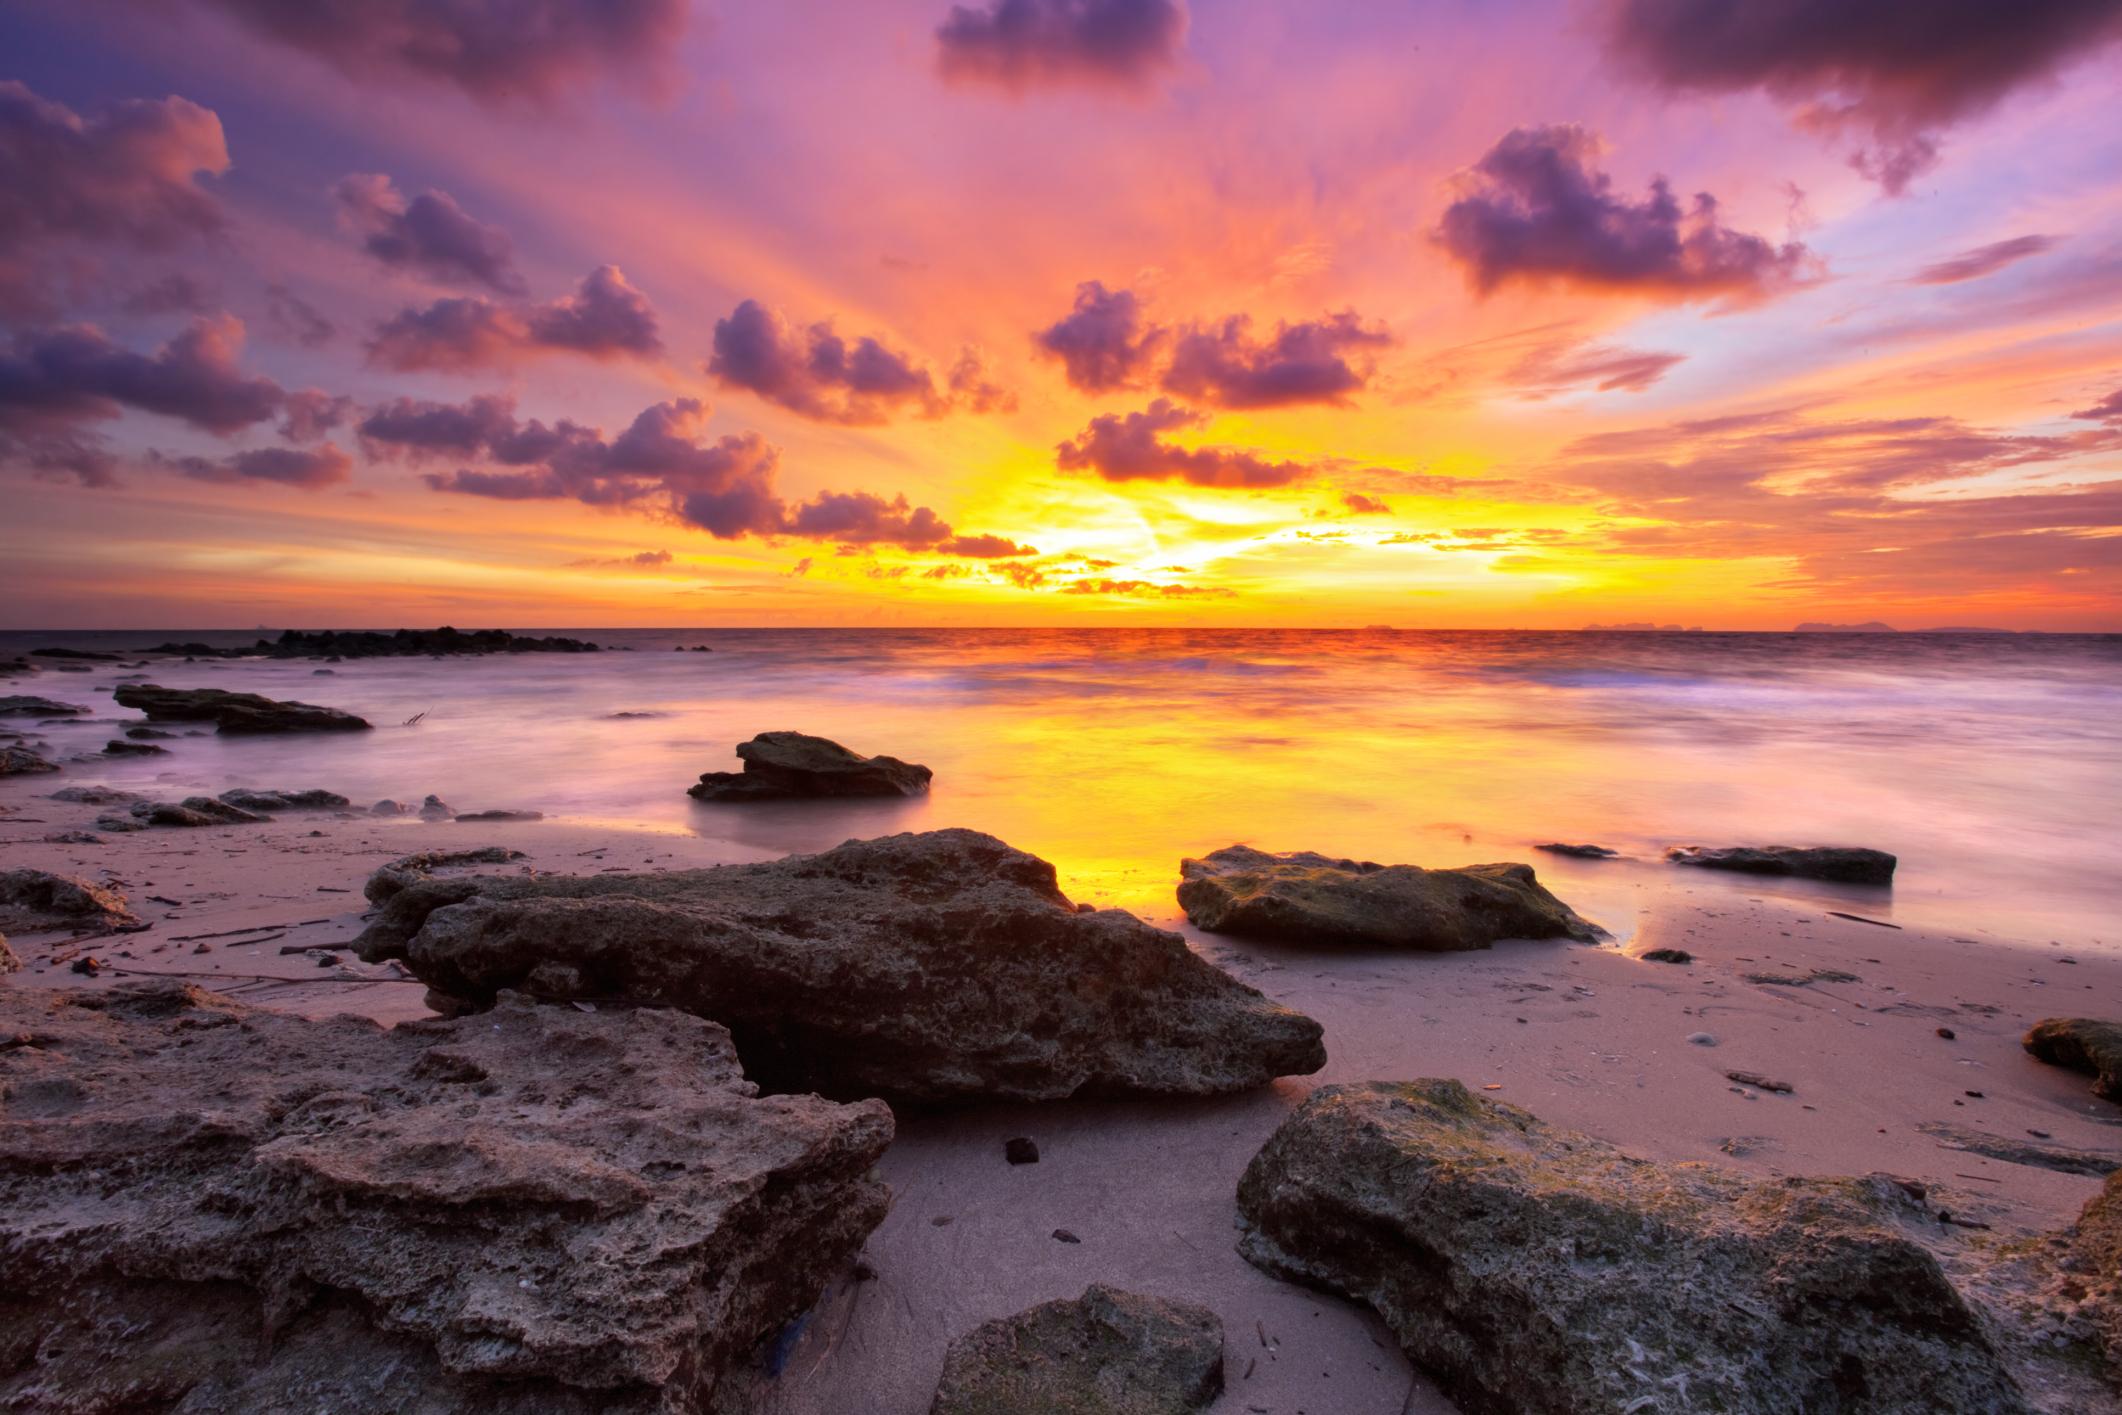 Rüyada Güzel Manzara Fotoğrafı Çekmek